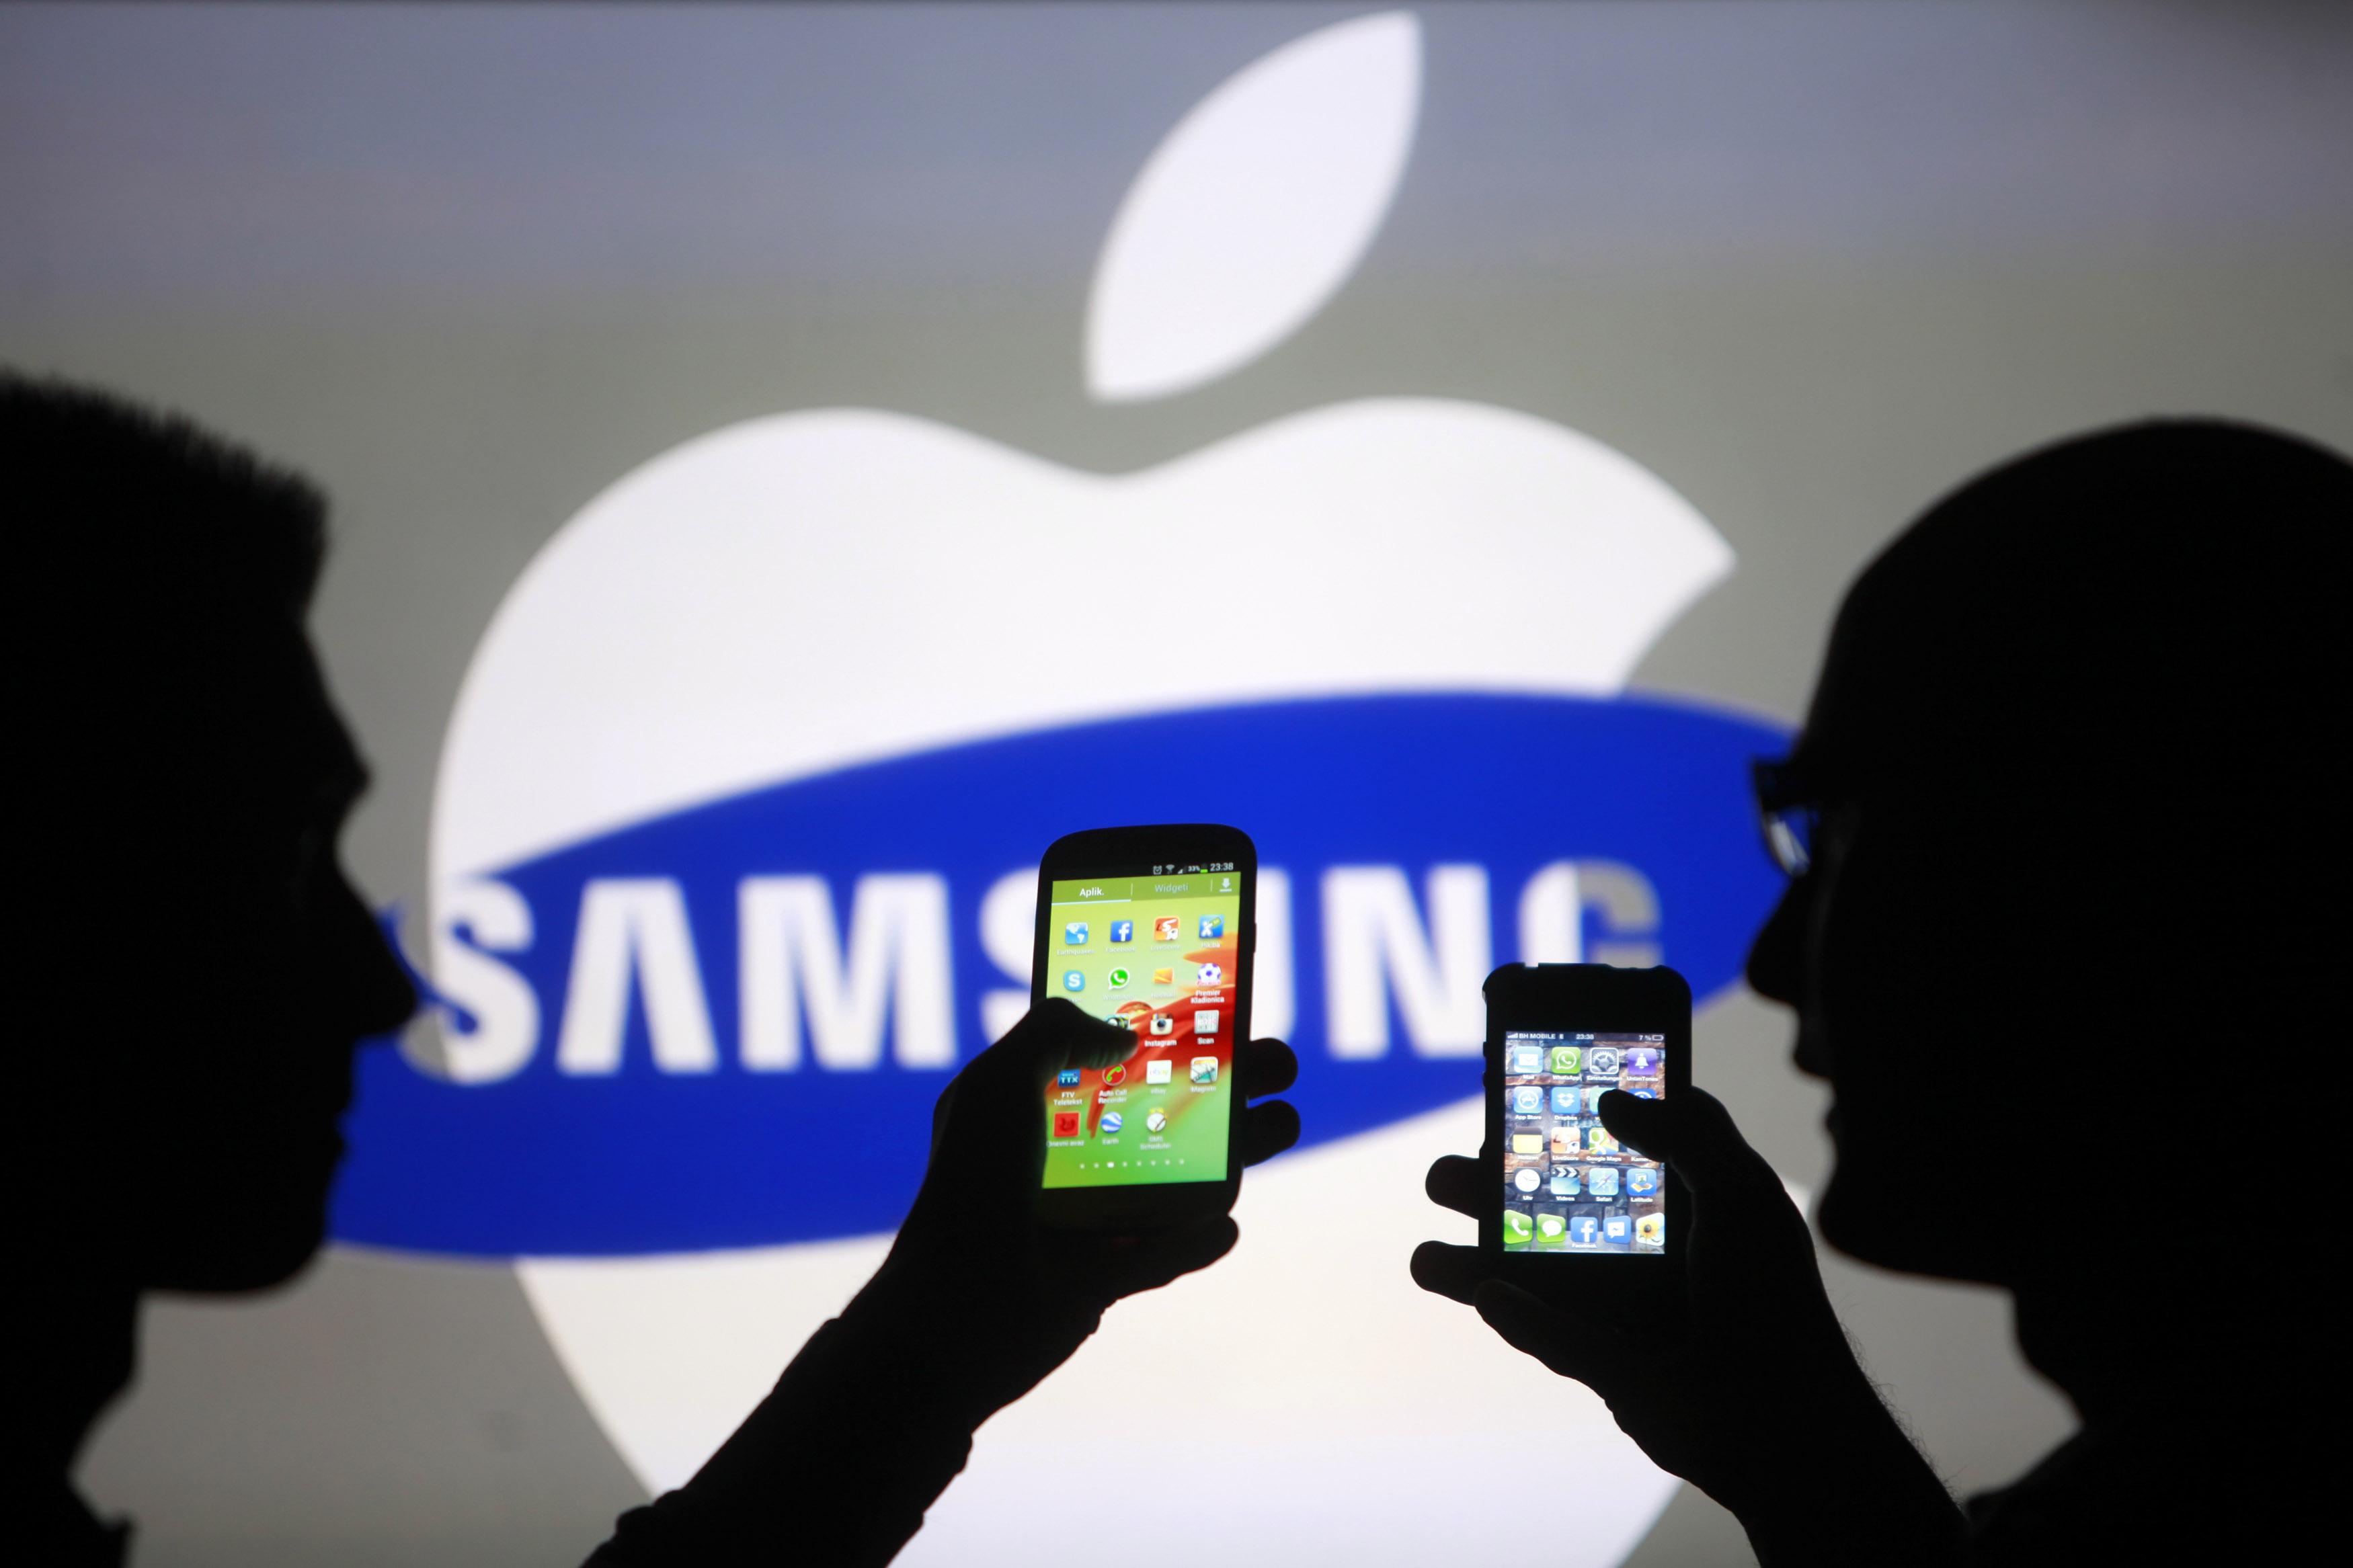 Selon un sondage, les femmes préfèrent iPhone XS et les hommes penchent vers le Galaxy S10